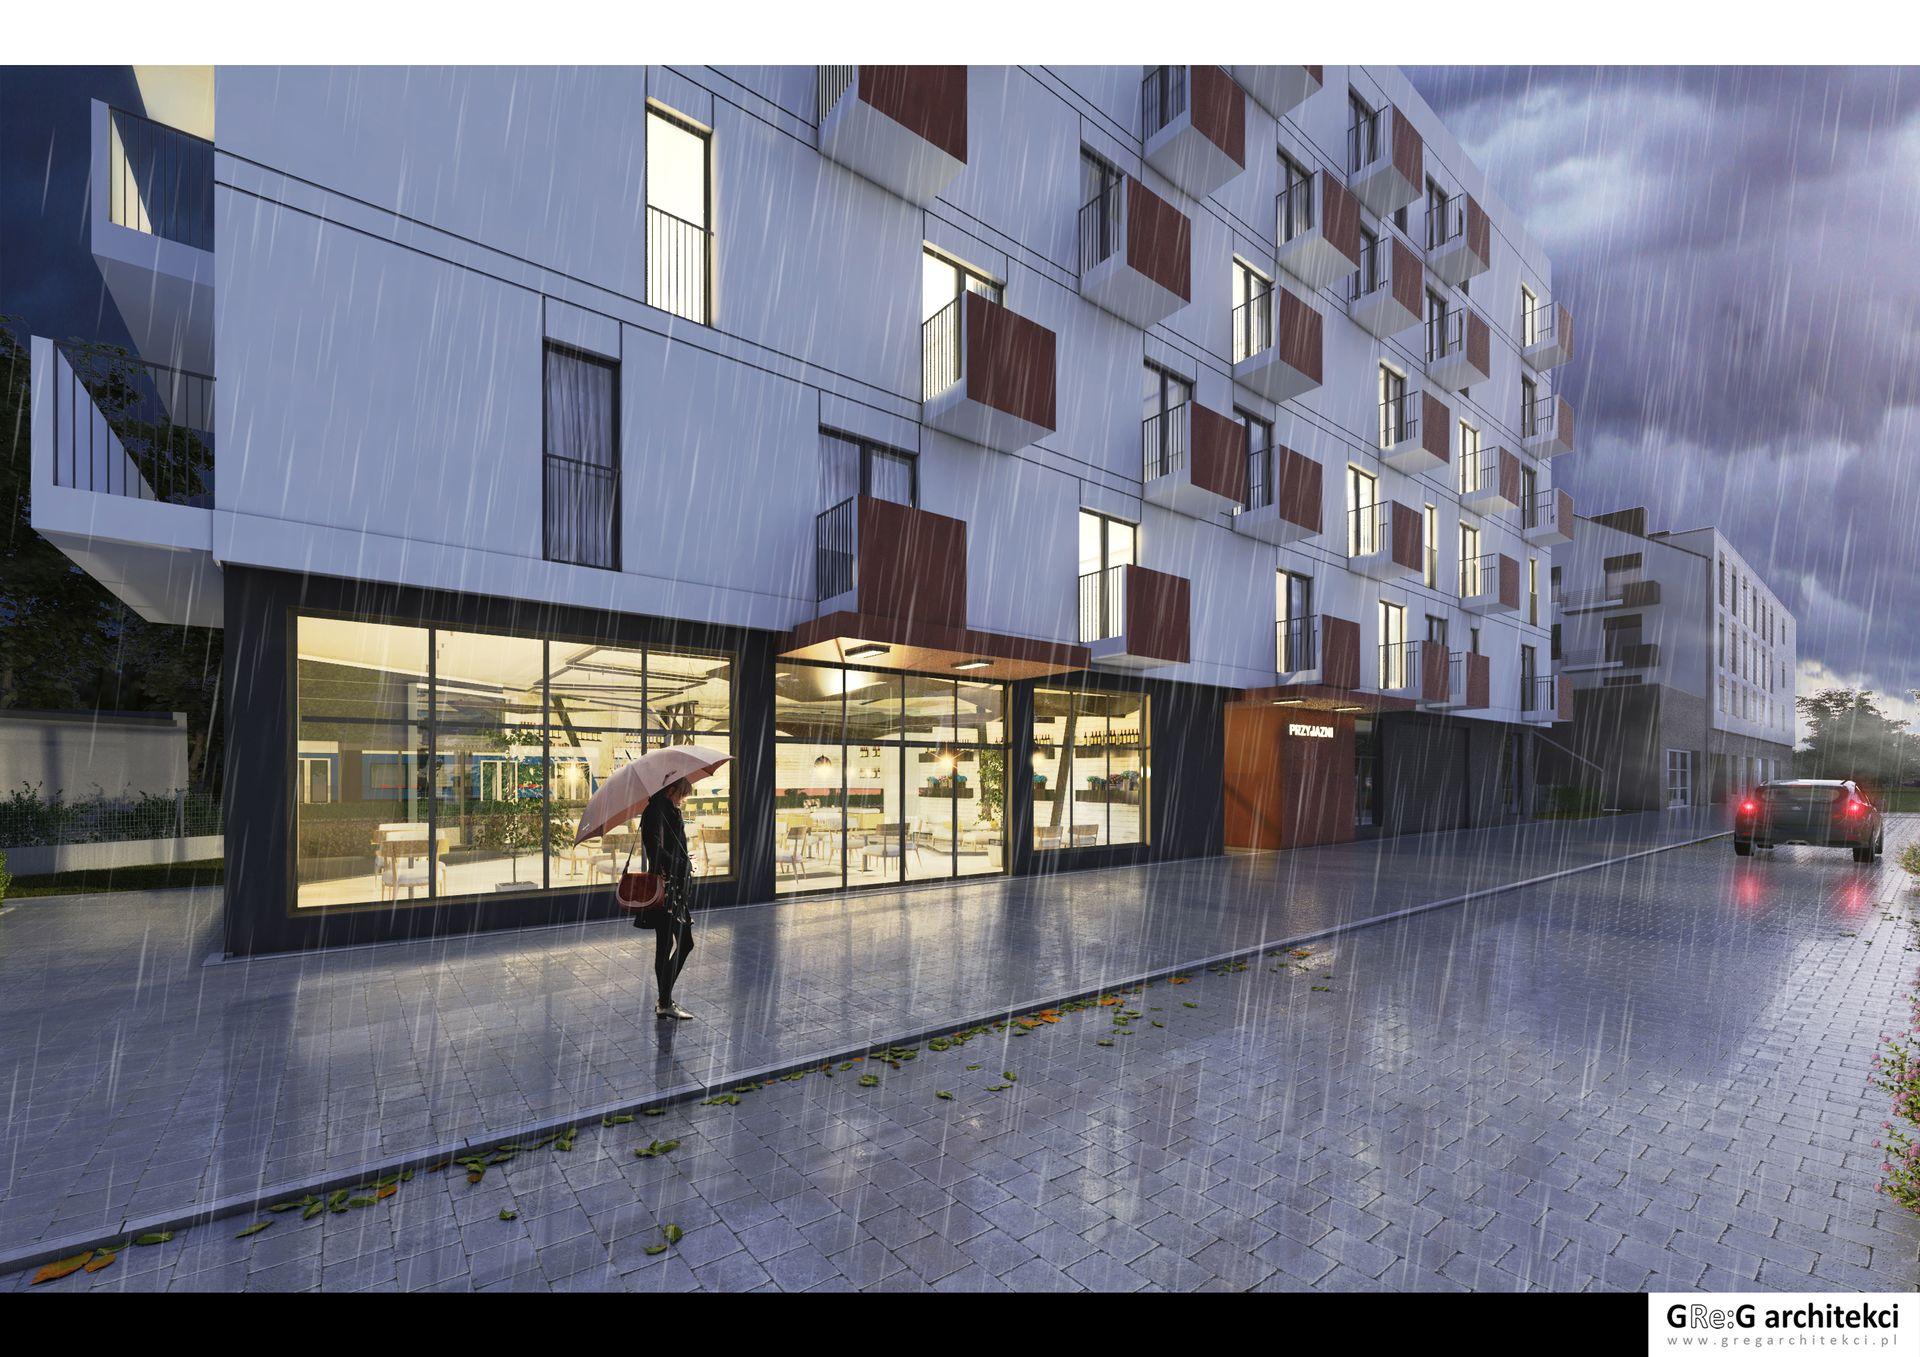 [Wrocław] Nowy hotel stanie przy ulicy Przyjaźni. Tak będzie wyglądał [WIZUALIZACJE]